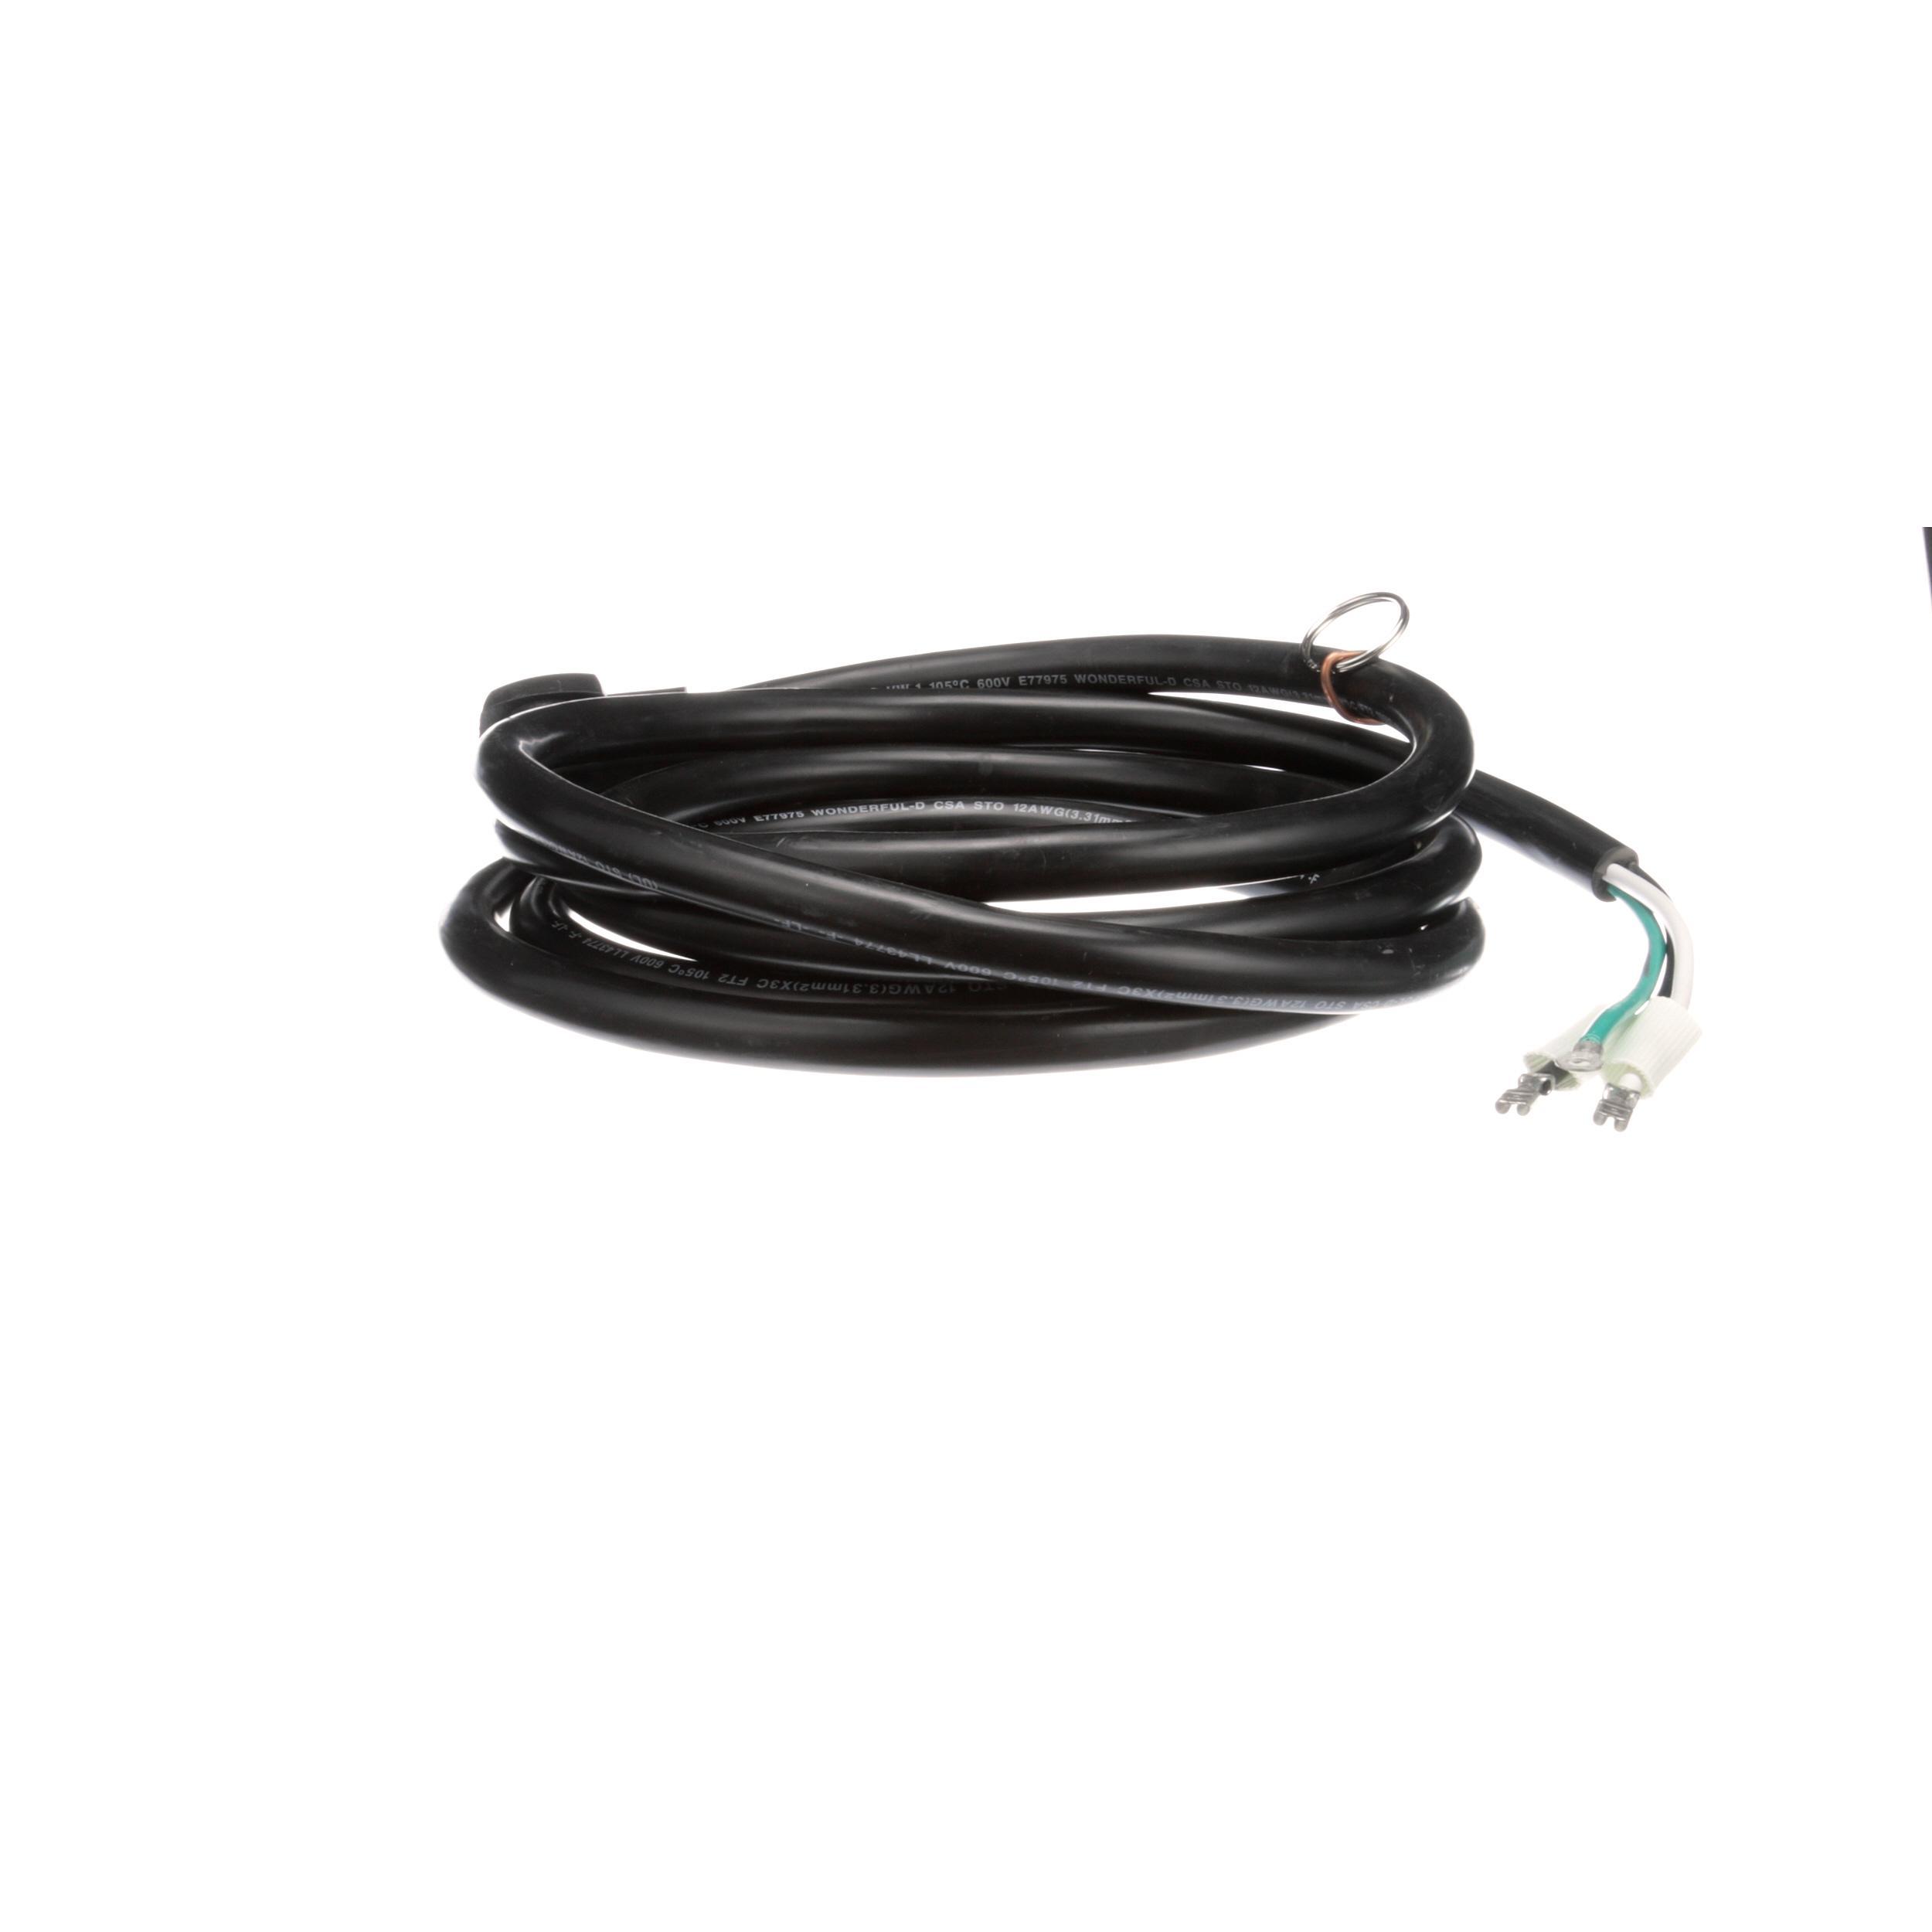 50A 250V Cres Cor 0810-124 Power Supply Cord